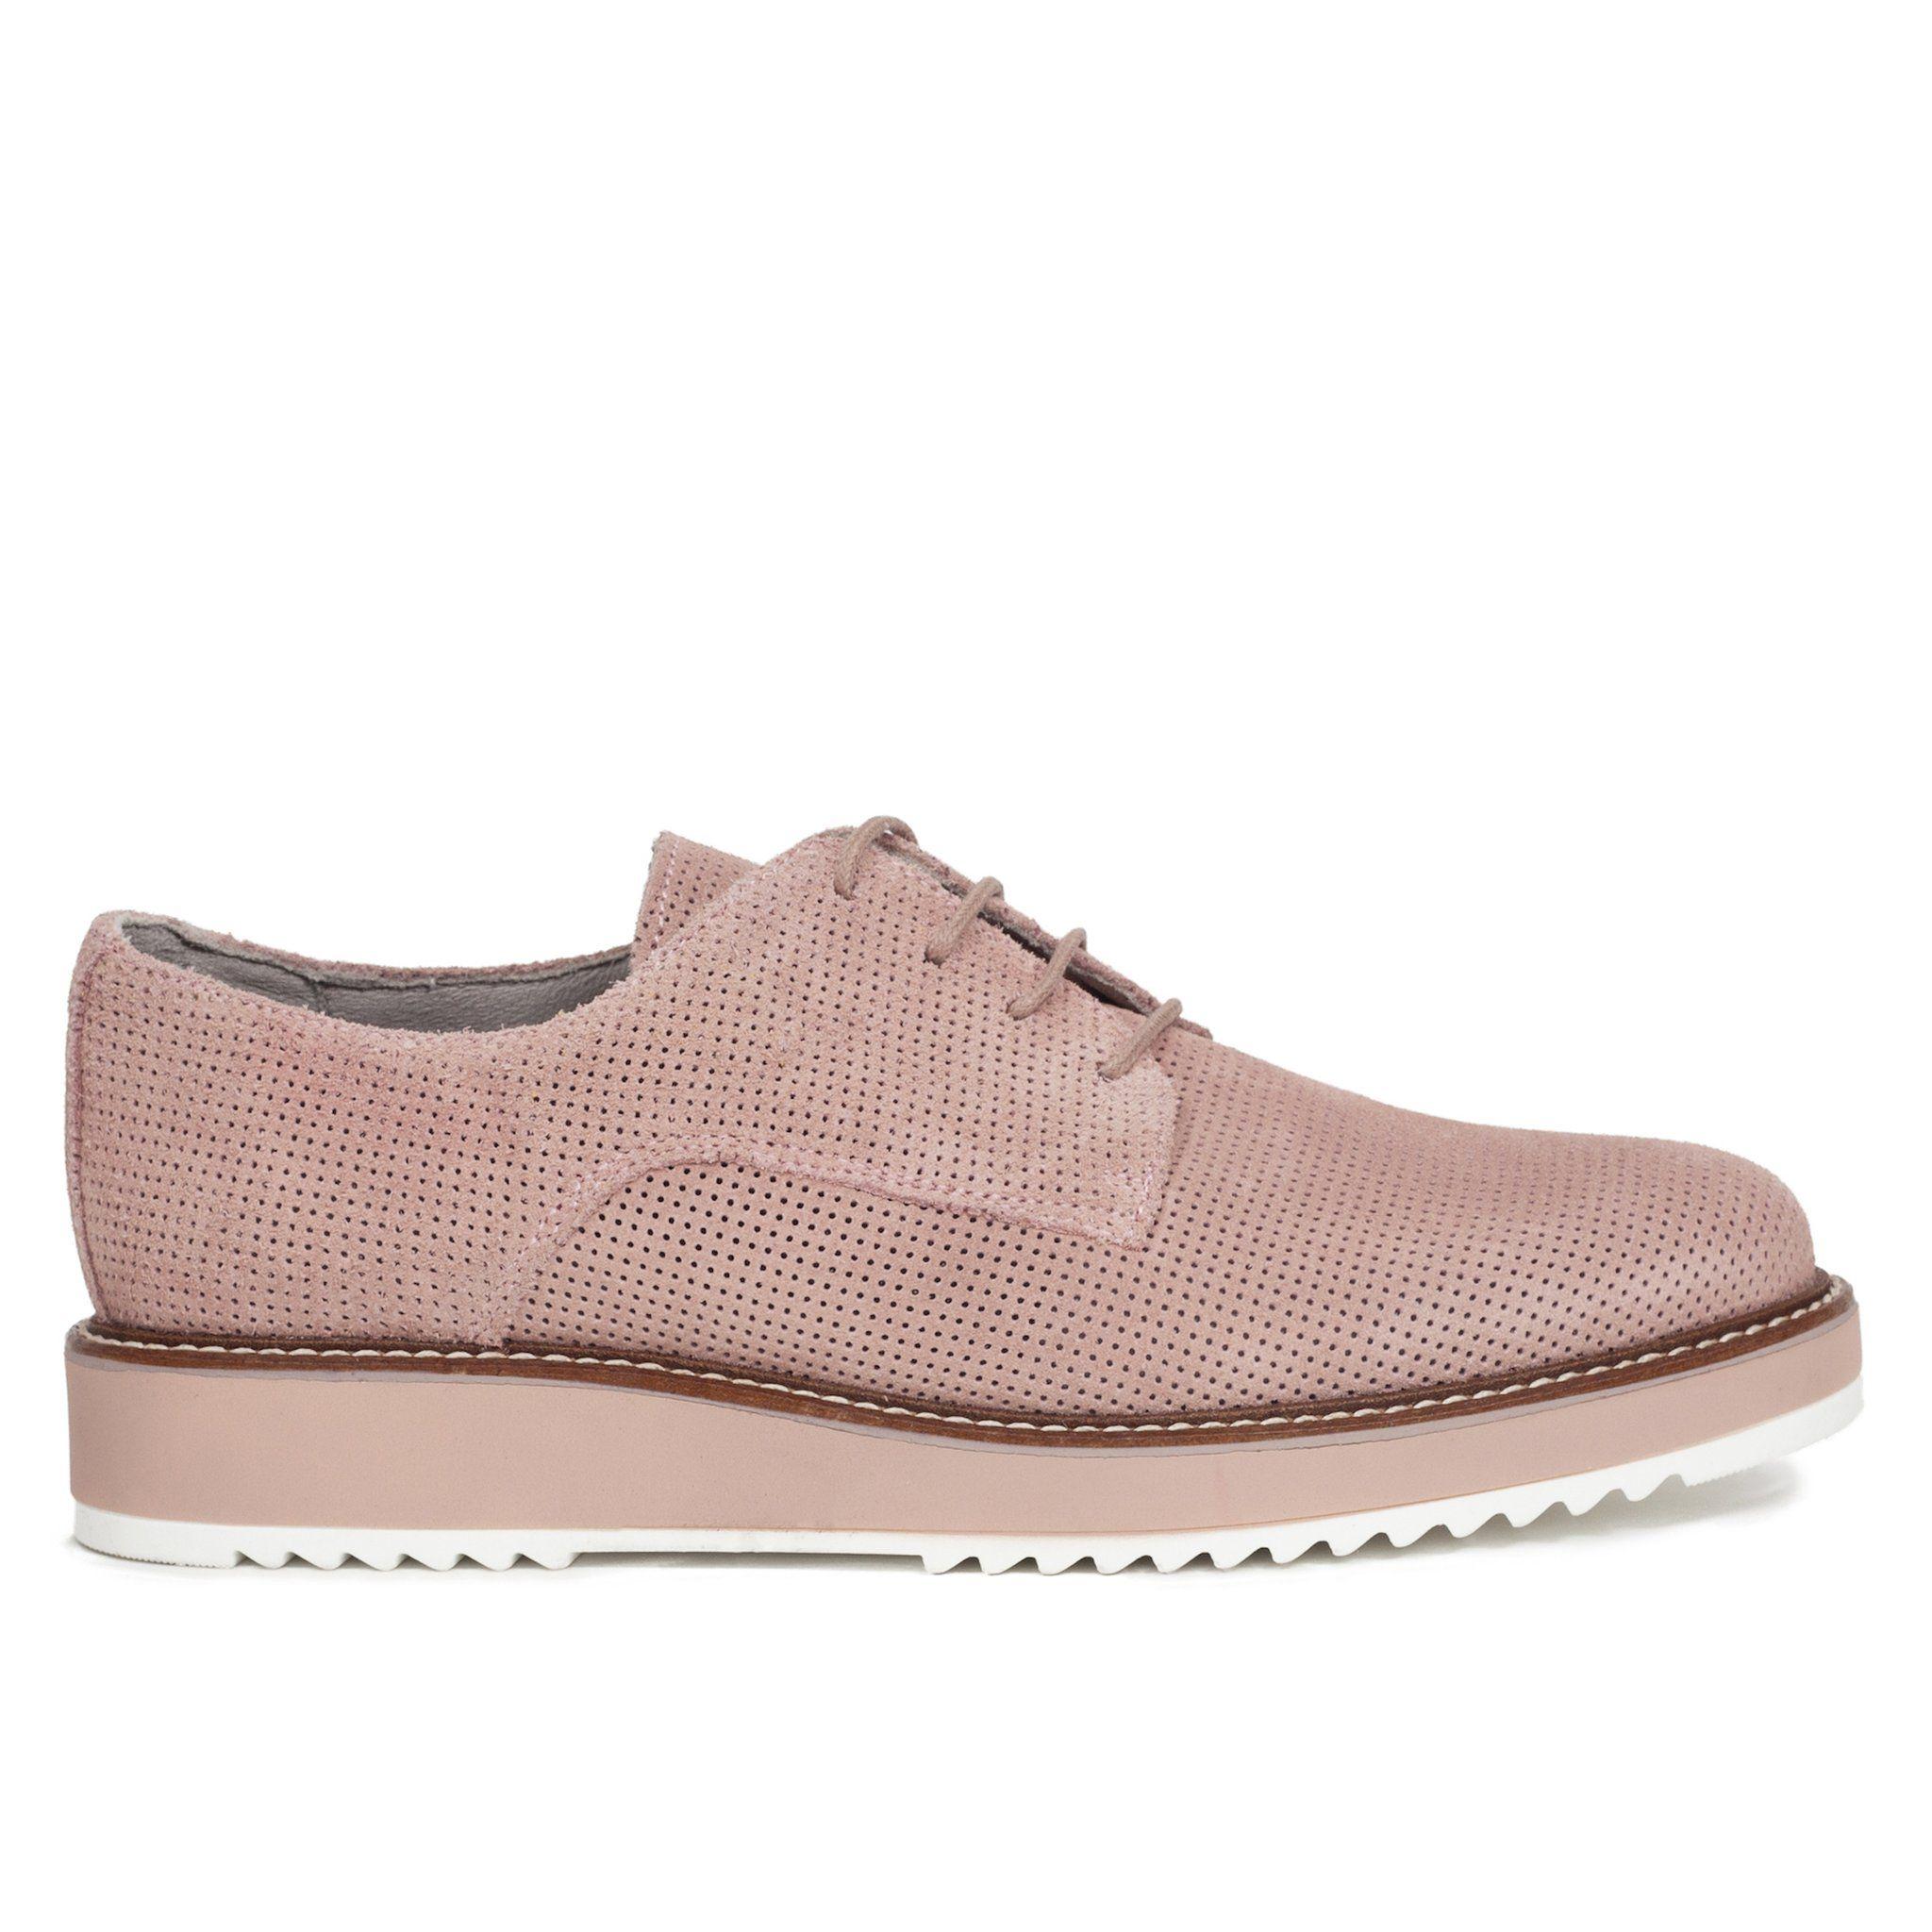 Zapato Blucher mujer Rosa Palo Piel Zapatos online miMaO